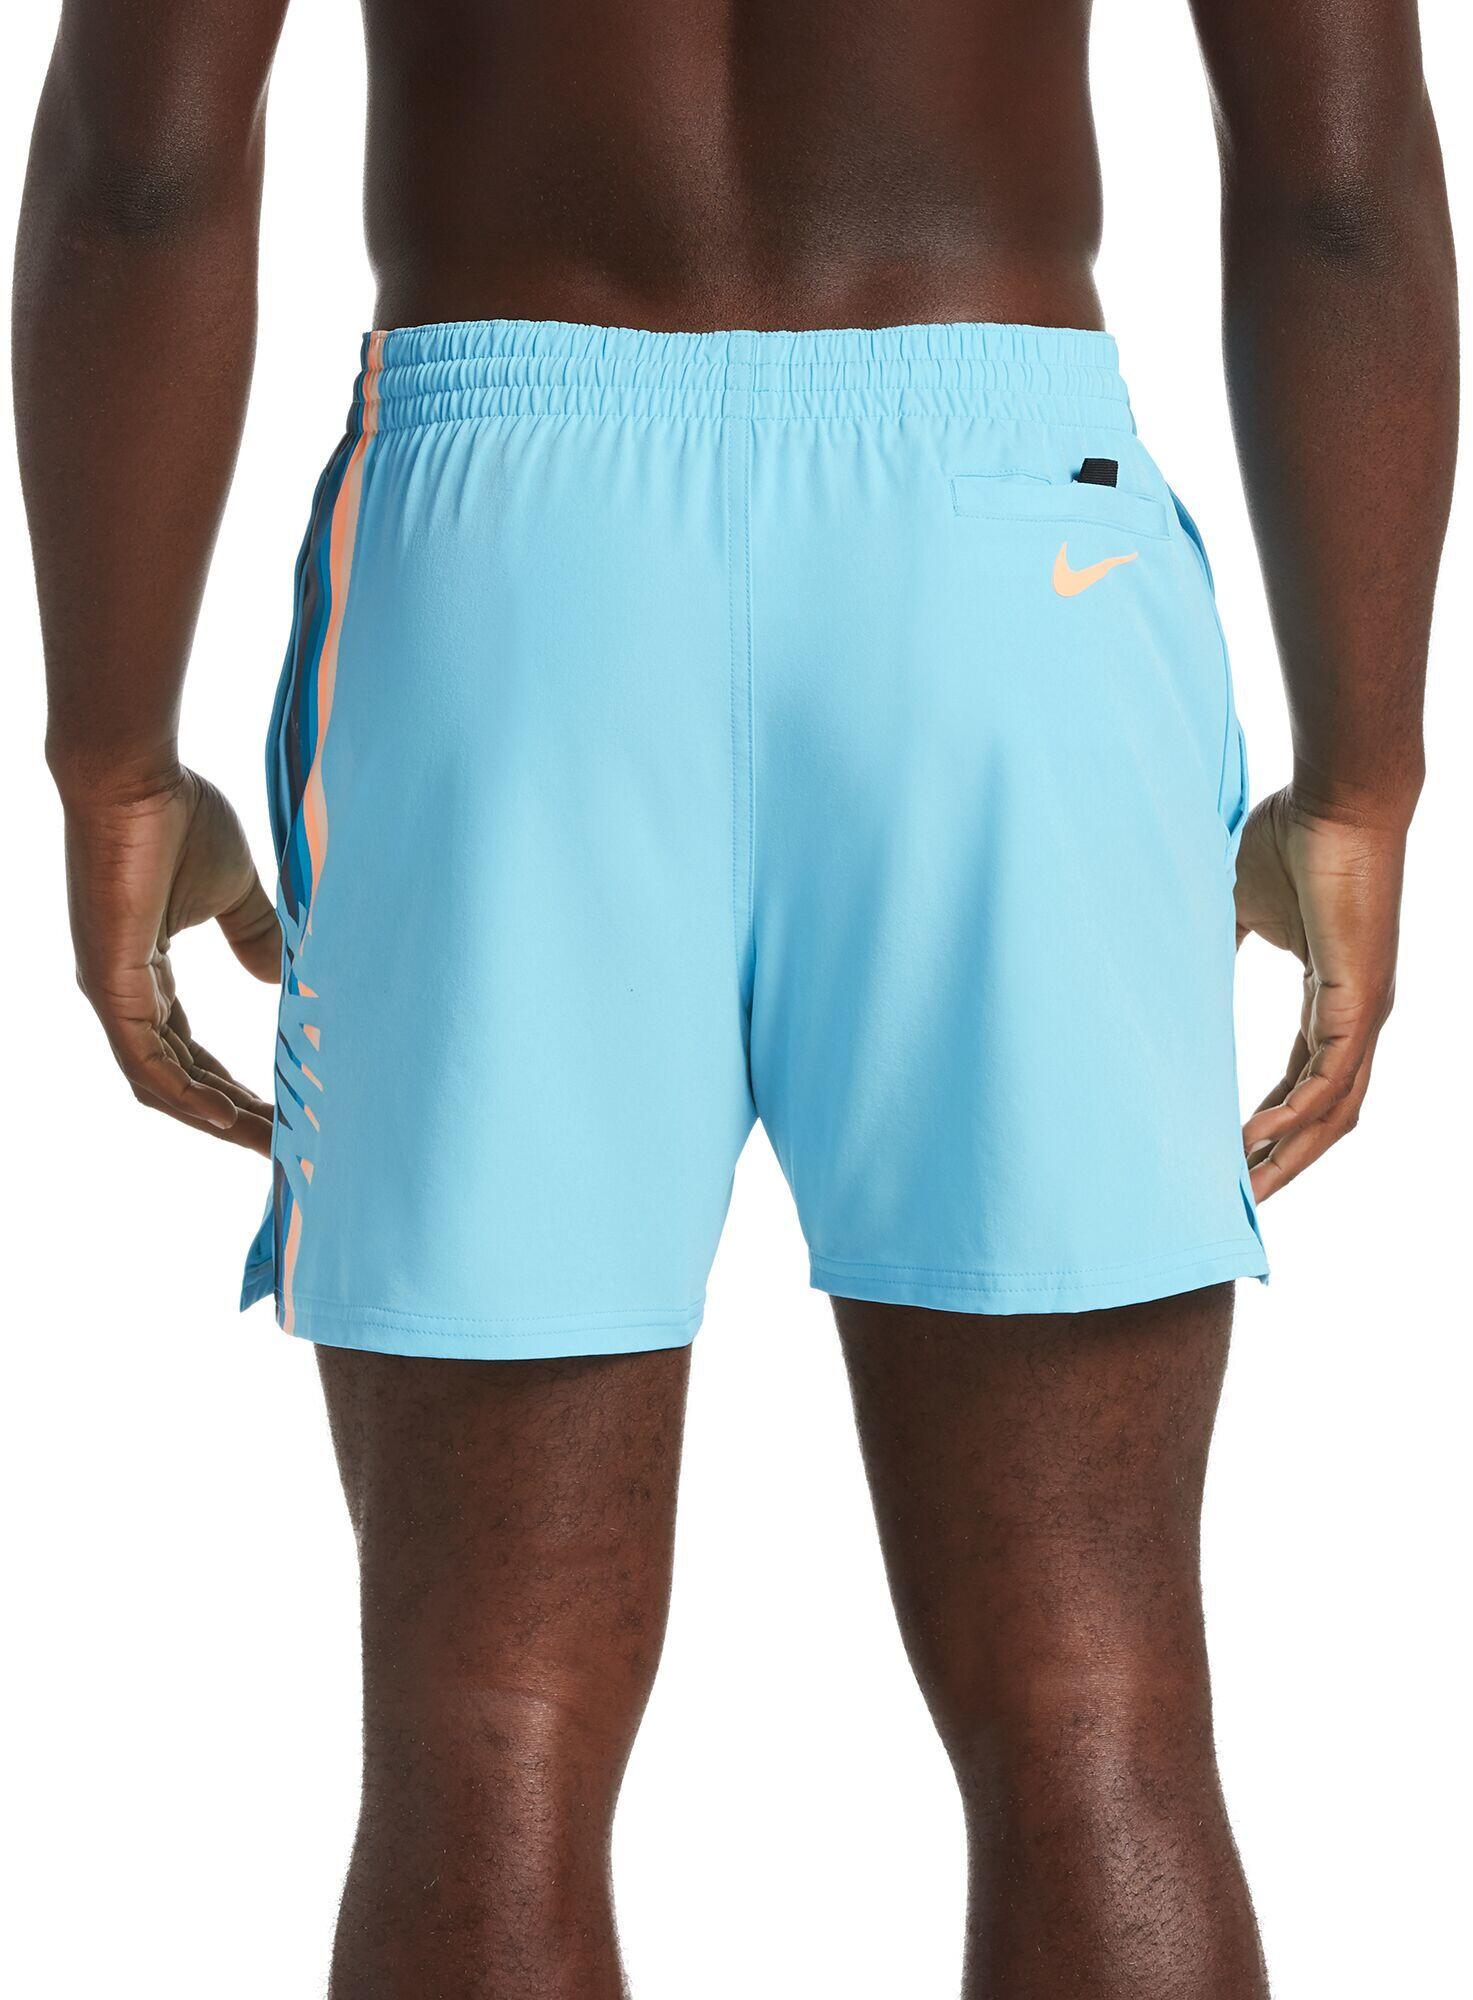 Kiwi Zwembroek Heren.Nike Swim Retro Stripe Lap 5 Zwembroek Heren Blauw L Online Bij